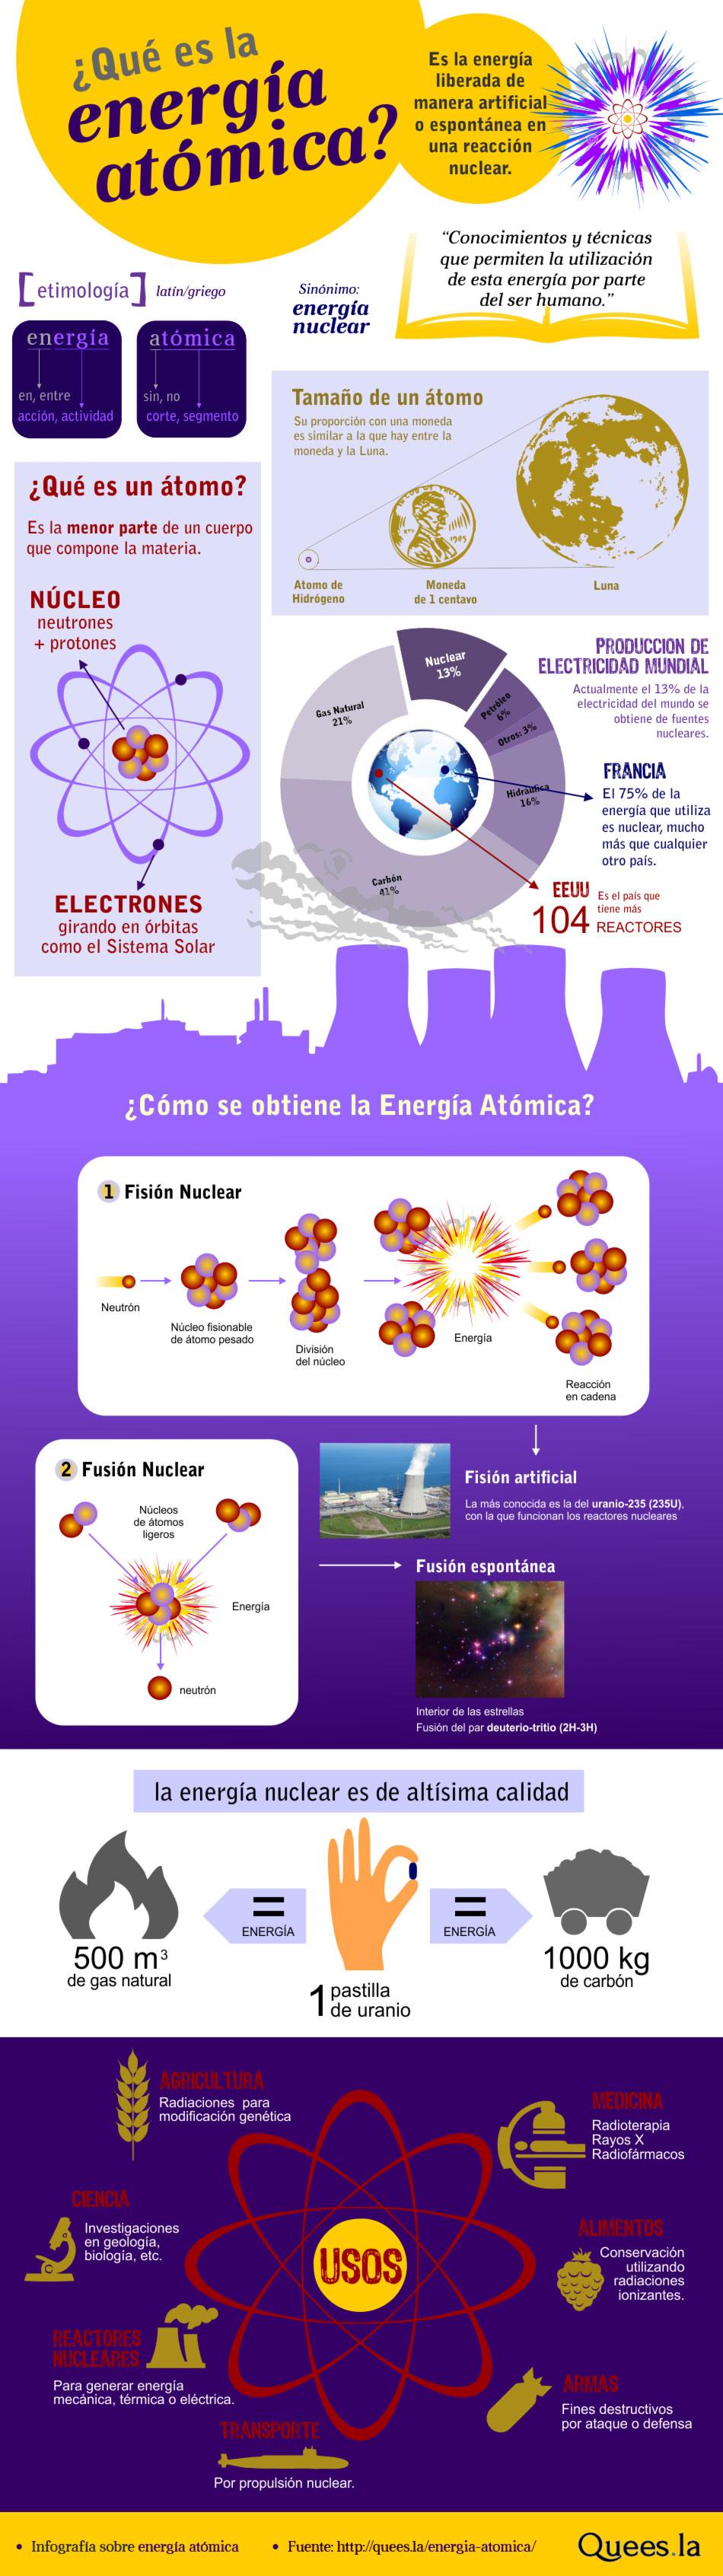 ¿Qué es la energía atómica?